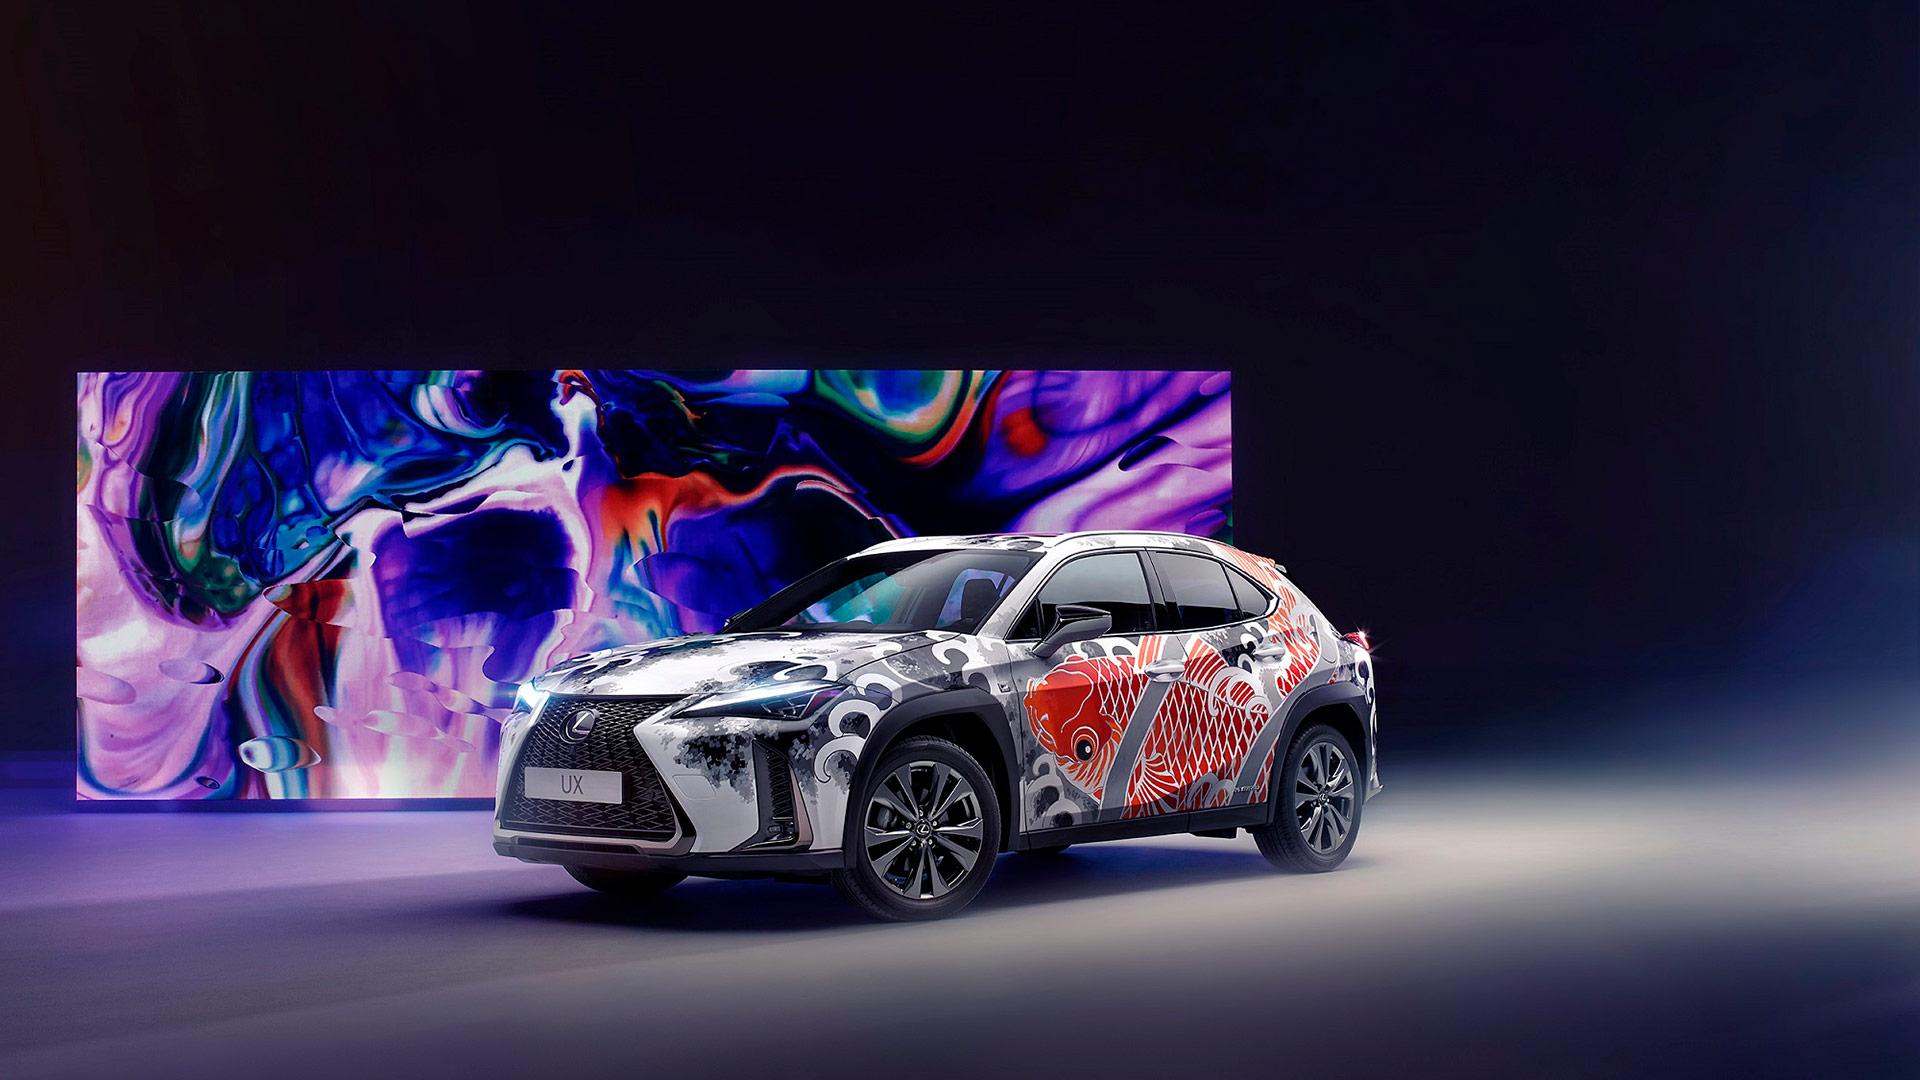 Lexus'a Dövme Sanatı Dokunuşu 01 Image